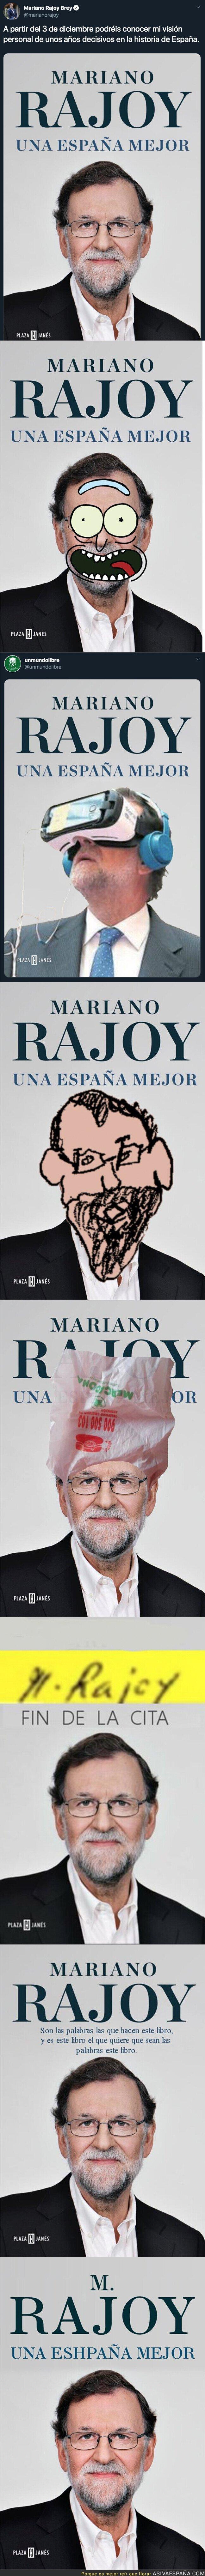 125690 - Mejorando la portada del futuro libro de Mariano Rajoy